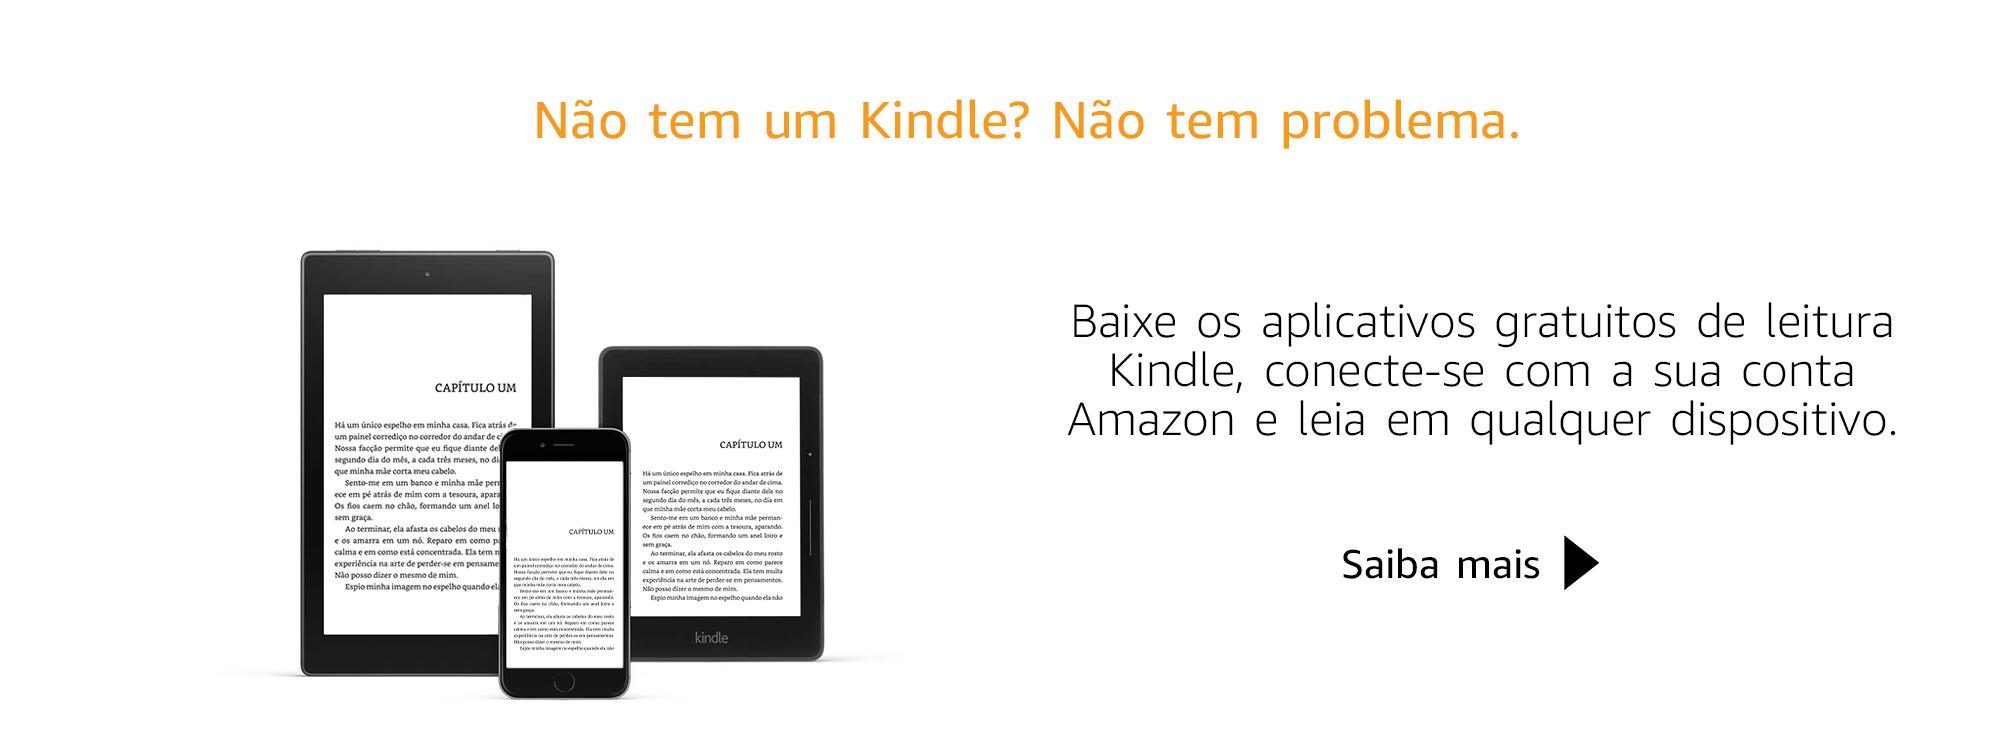 Não tem um Kindle? Não tem problema. Baixe os aplicativos gratuitos de leitura Kindle, conecte-se com a sua conta Amazon e leia em qualquer dispositivo.